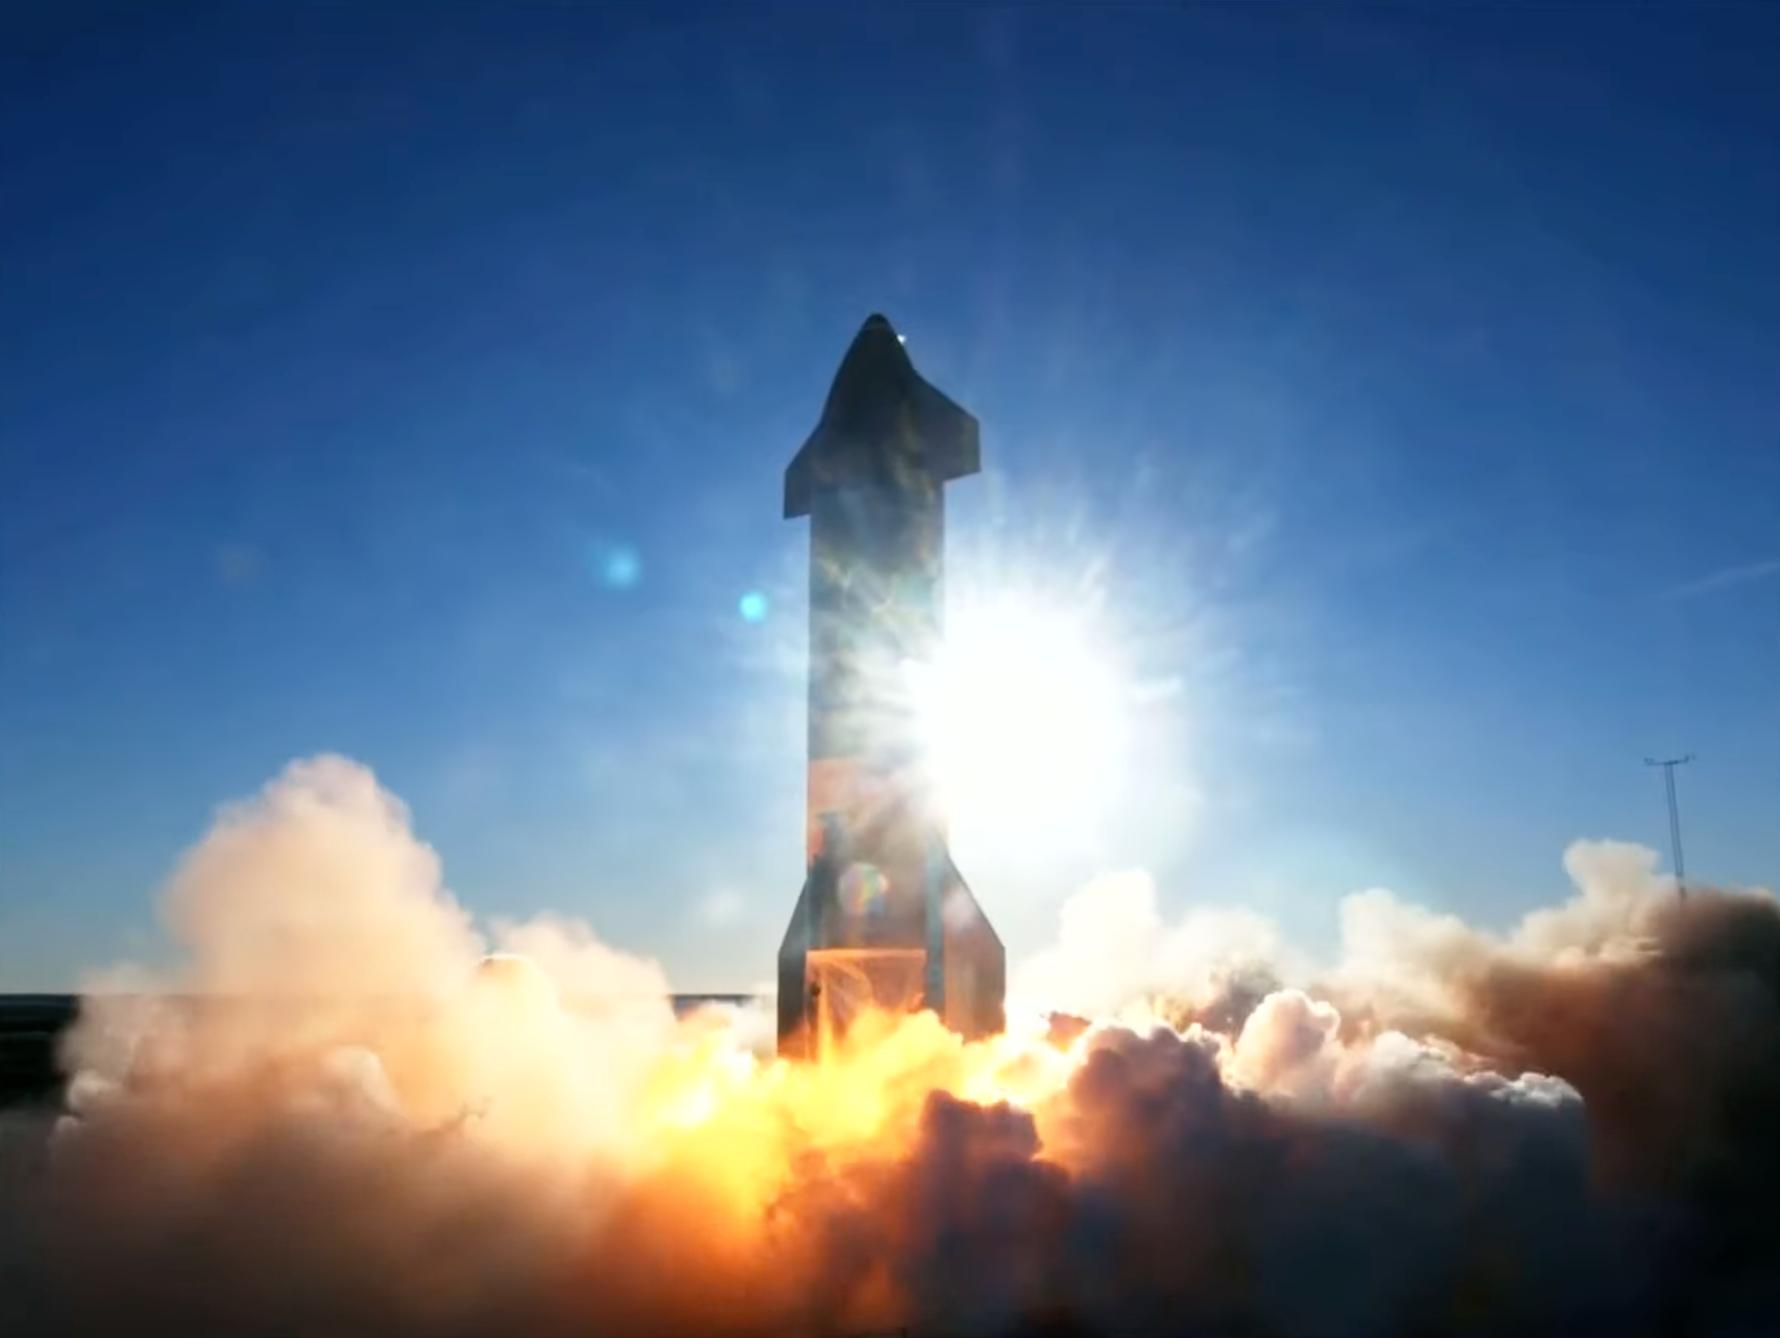 スペースX、「スターシップ」試作機で高度12.5キロの記録達成